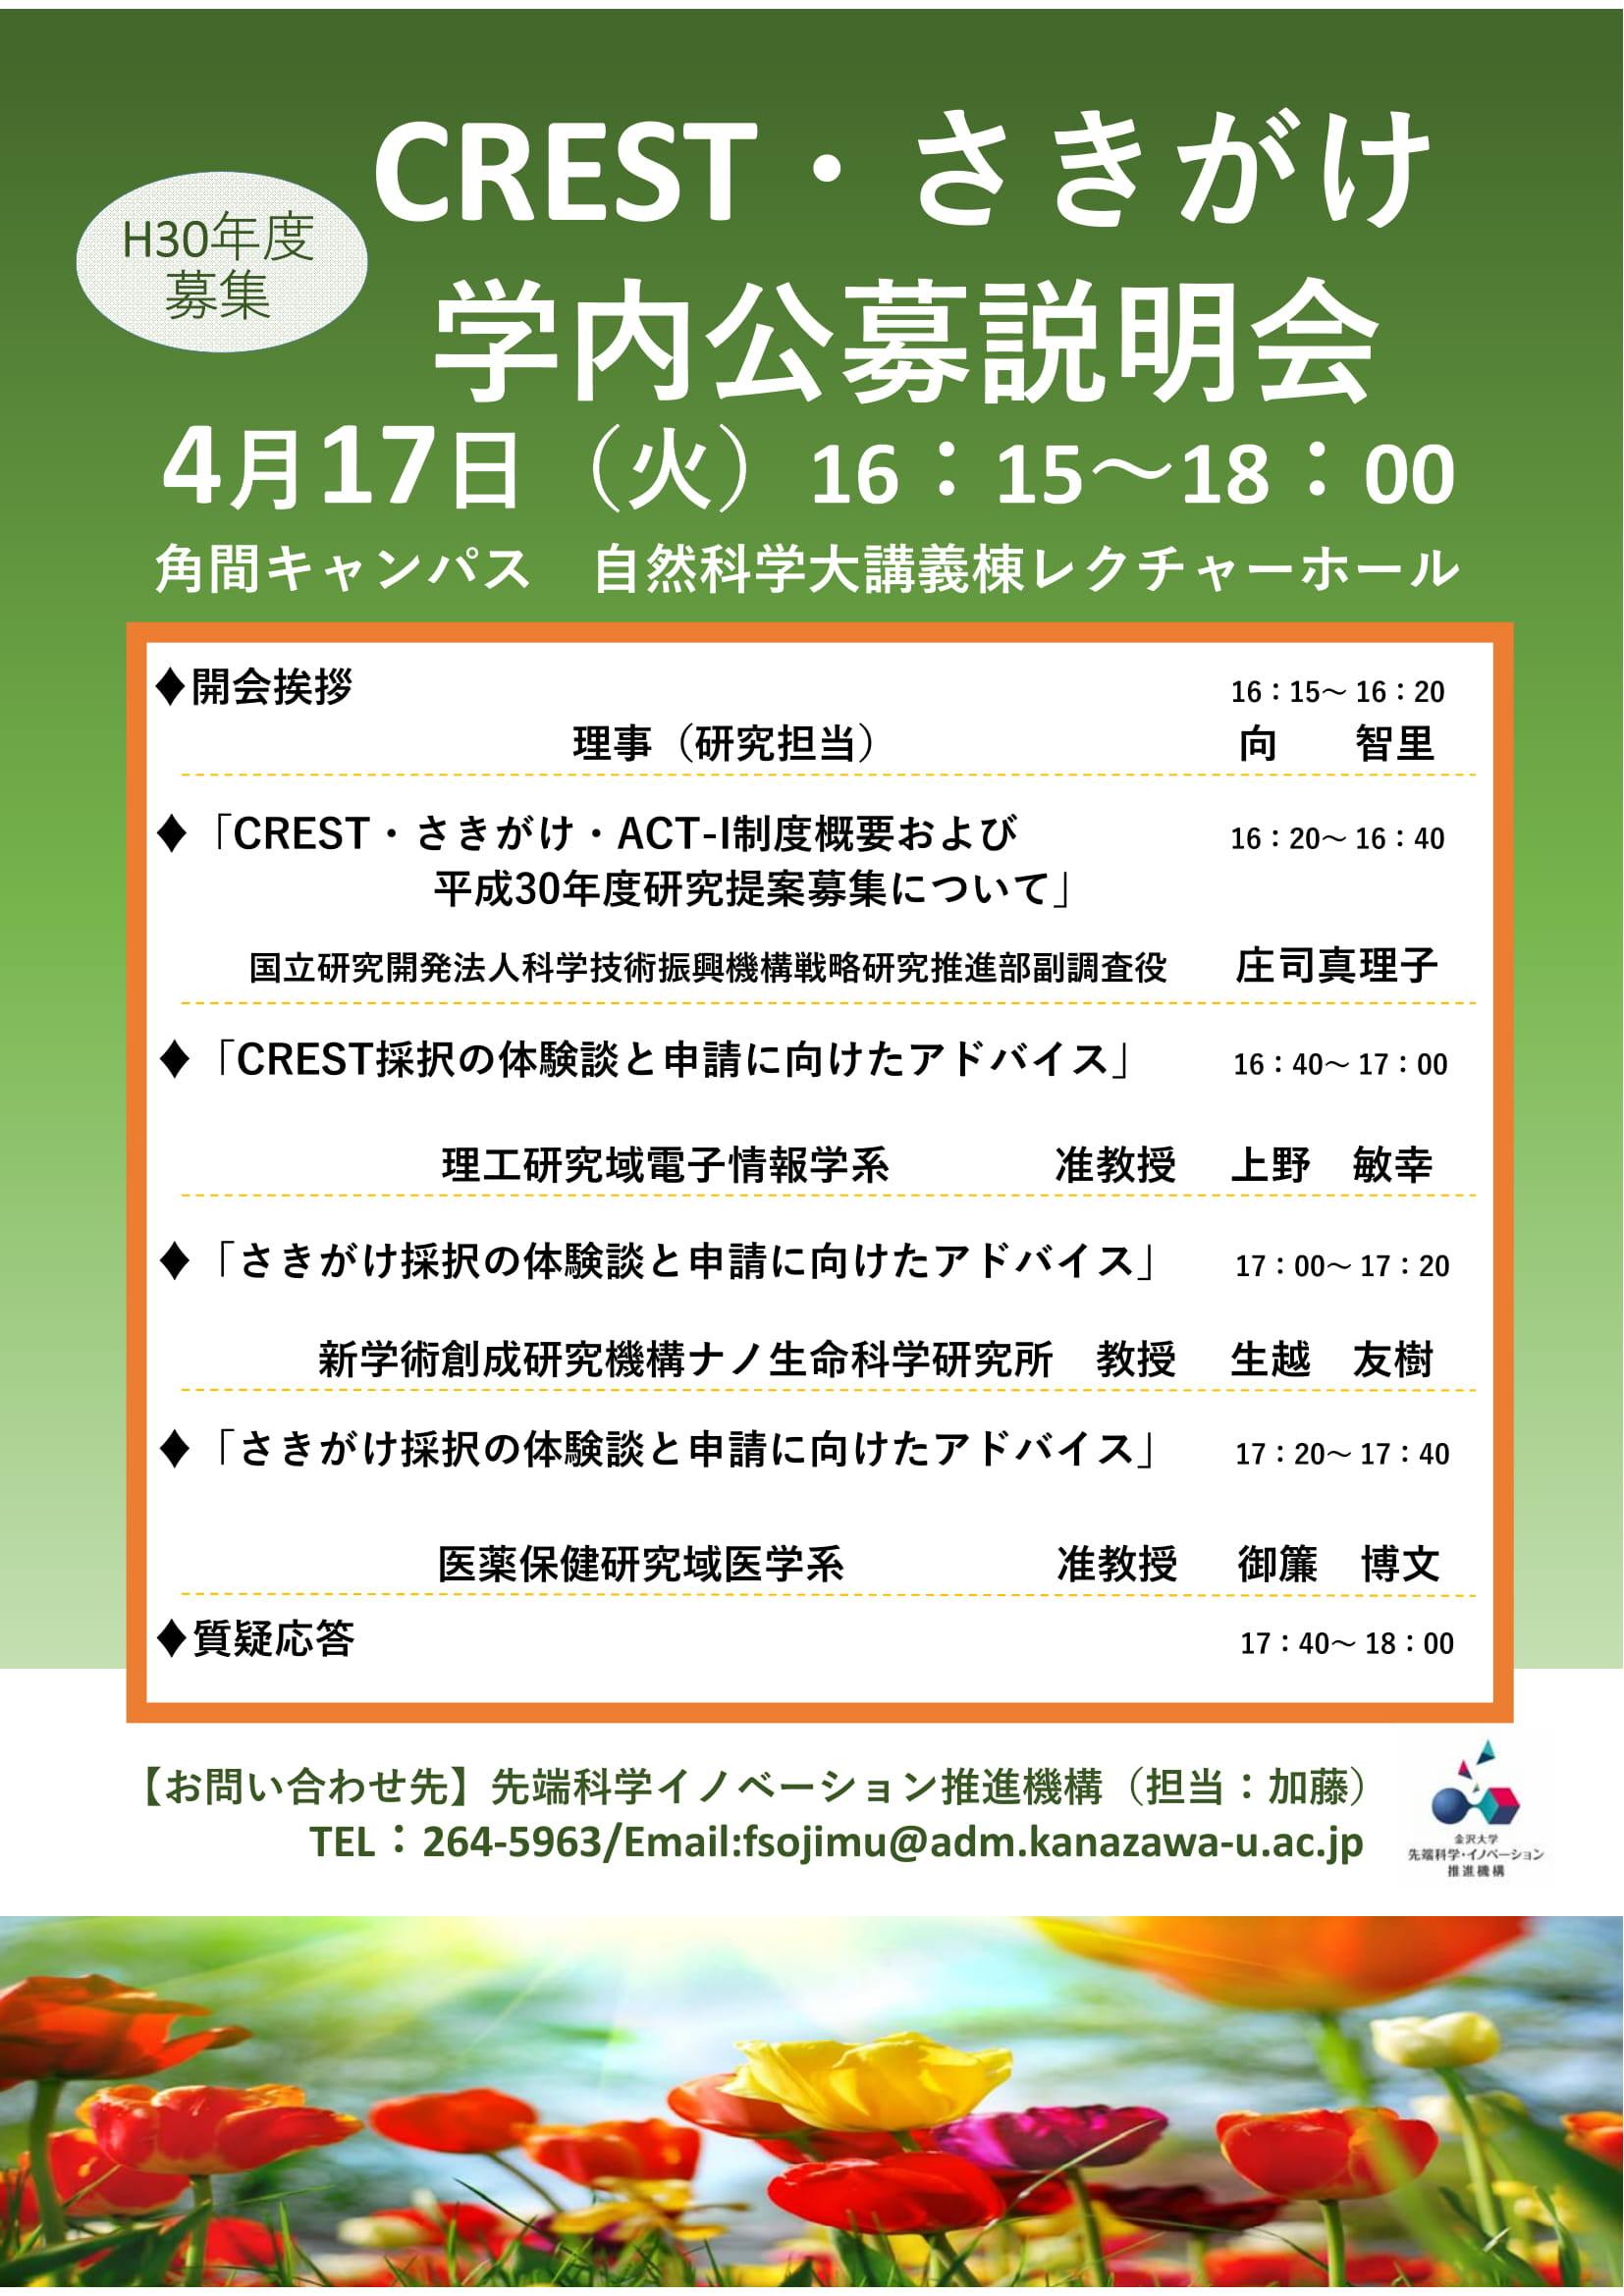 ポスター(CREST・さきがけ・さきがけ)-1.jpg